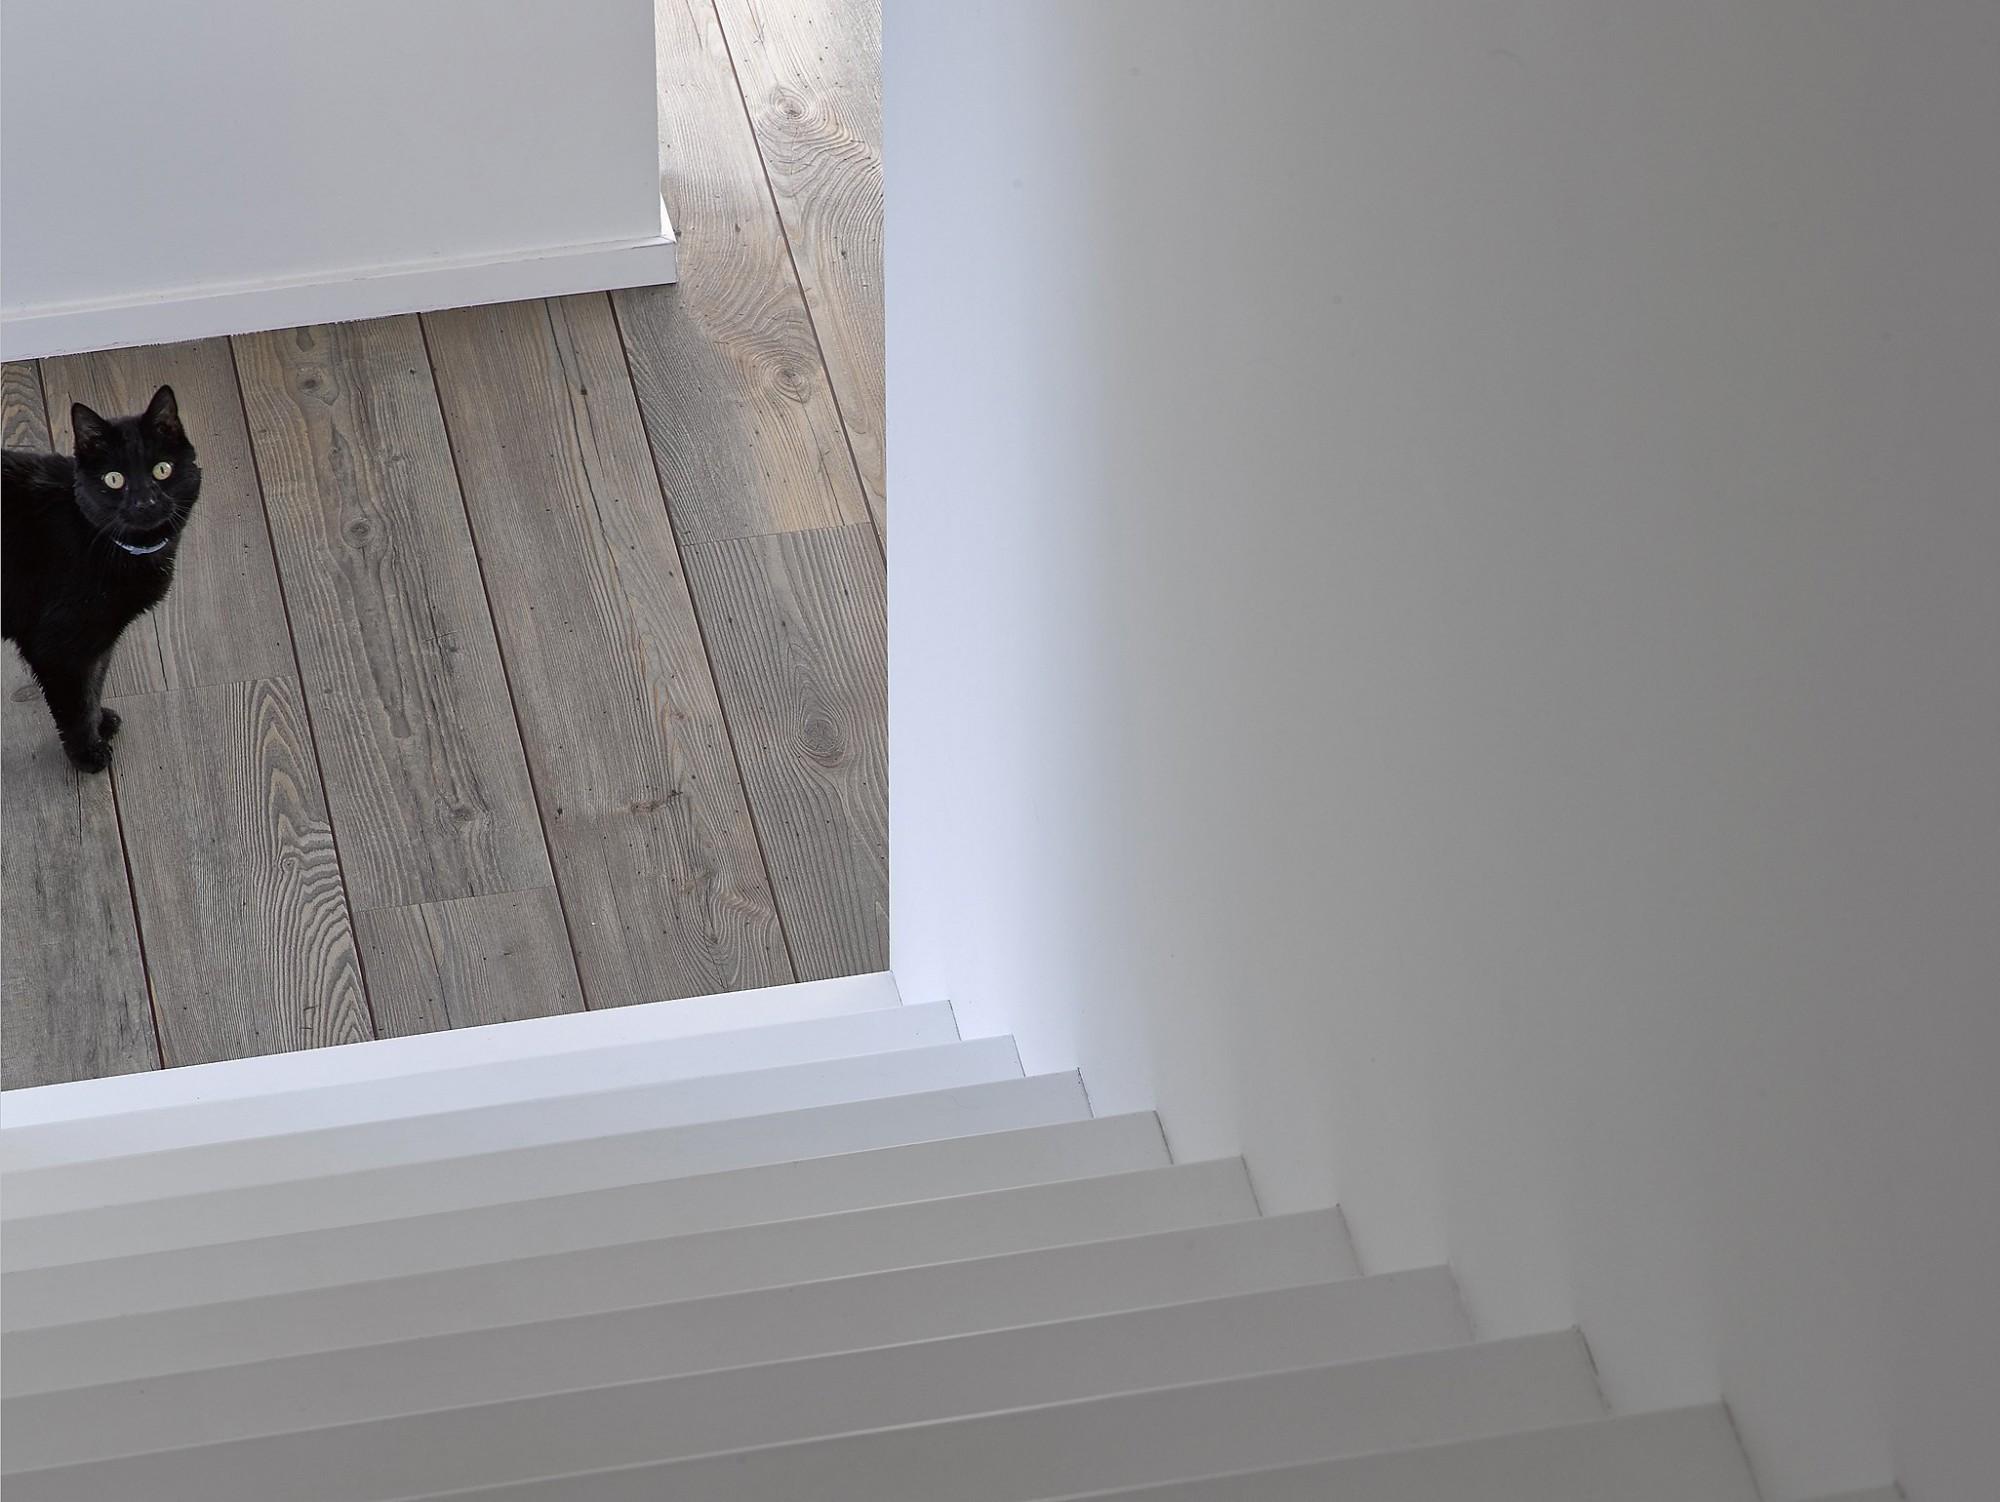 Afbeelding: Product fotografie trappen en parketvloer voor Eddy de Prins.